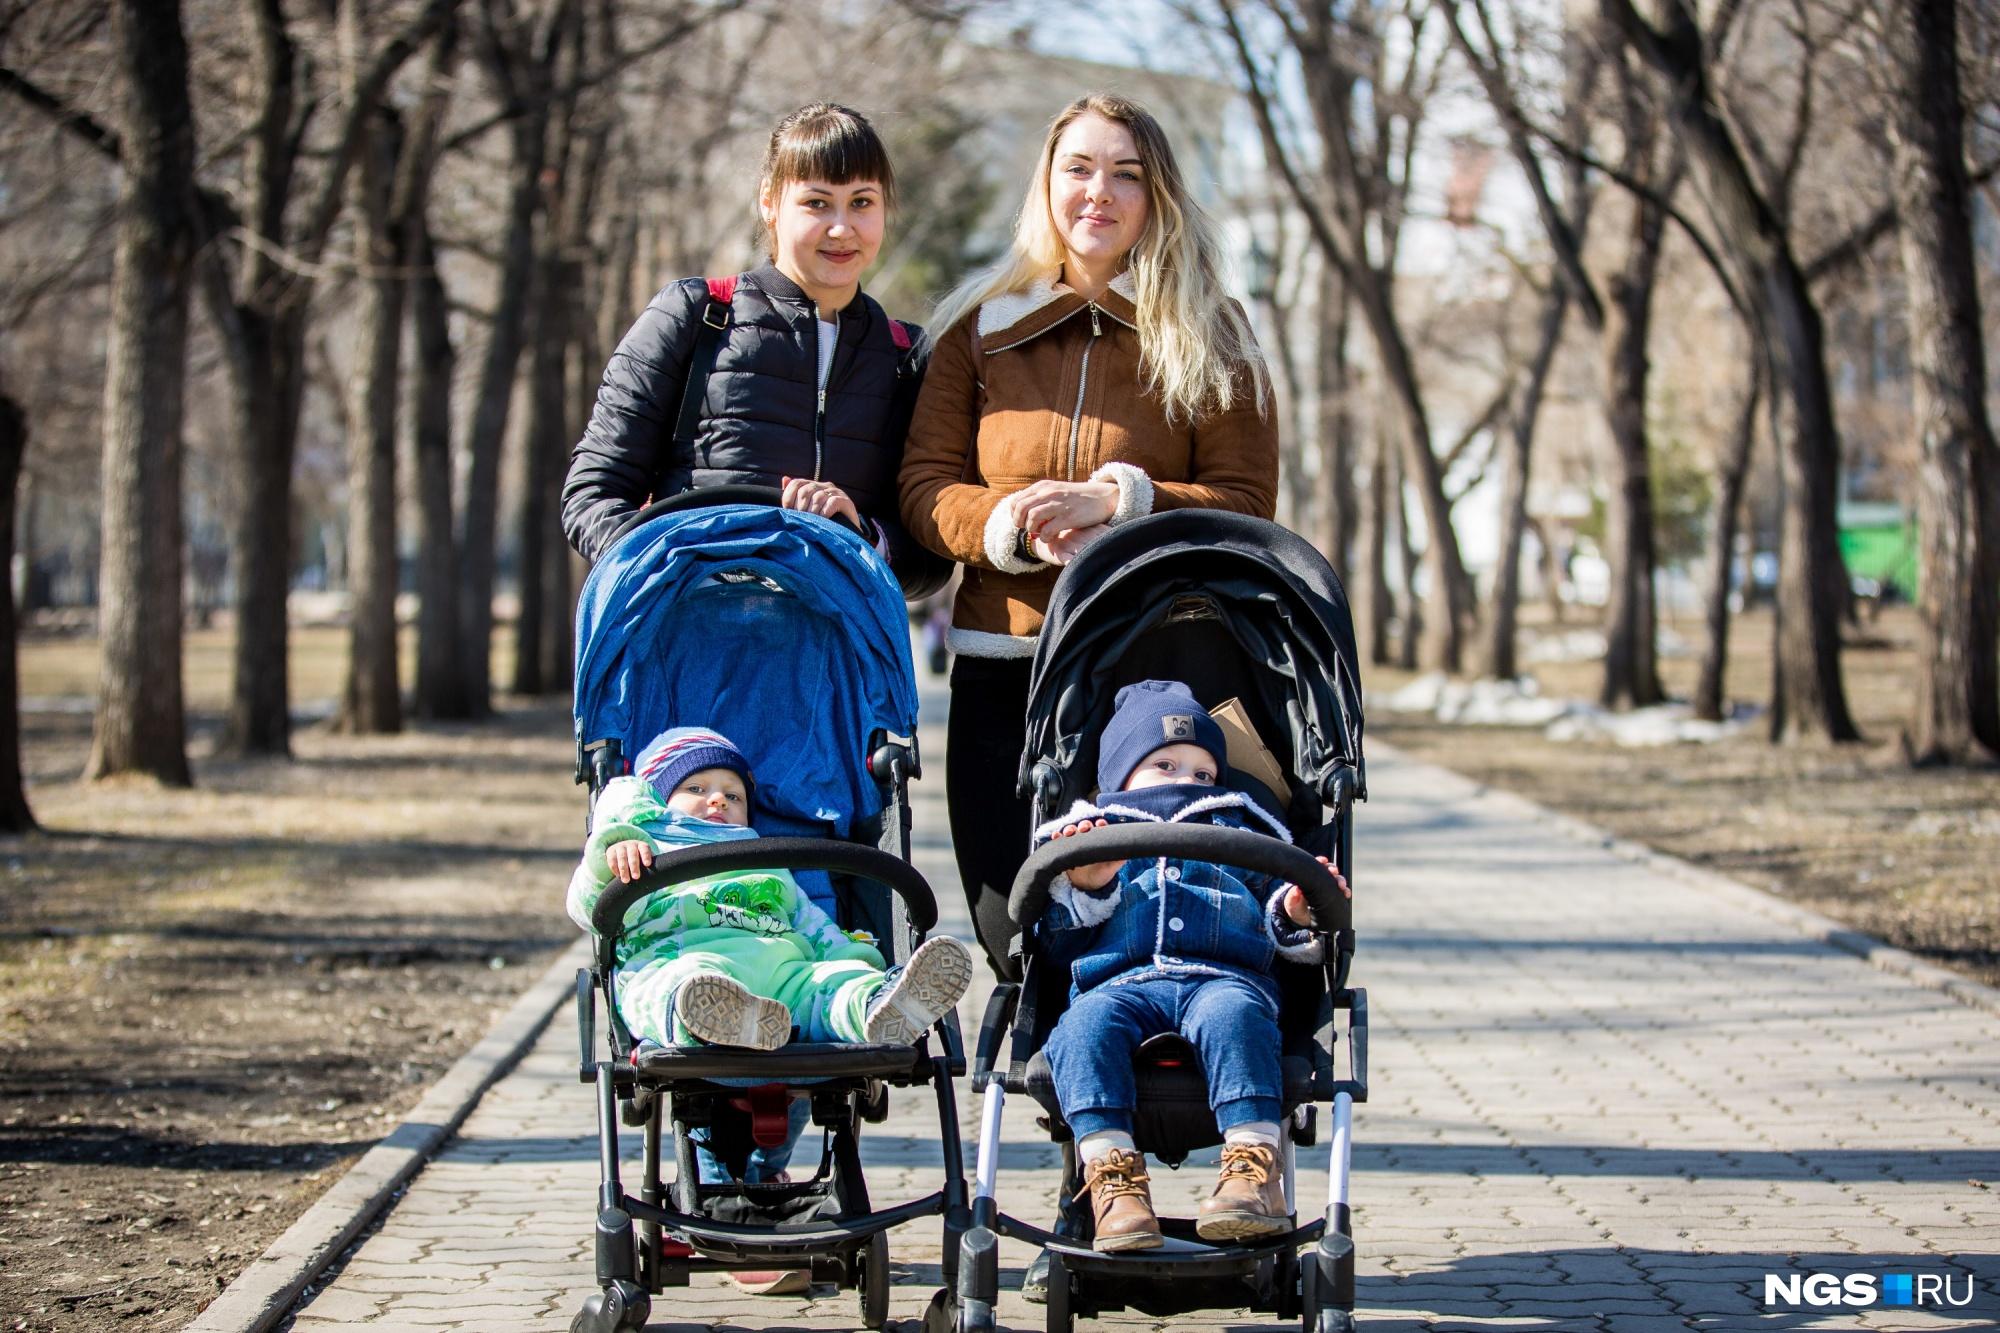 «Должна быть прачечная, конюшня и джакузи»: новосибирцы — об идеальных жилых комплексах города